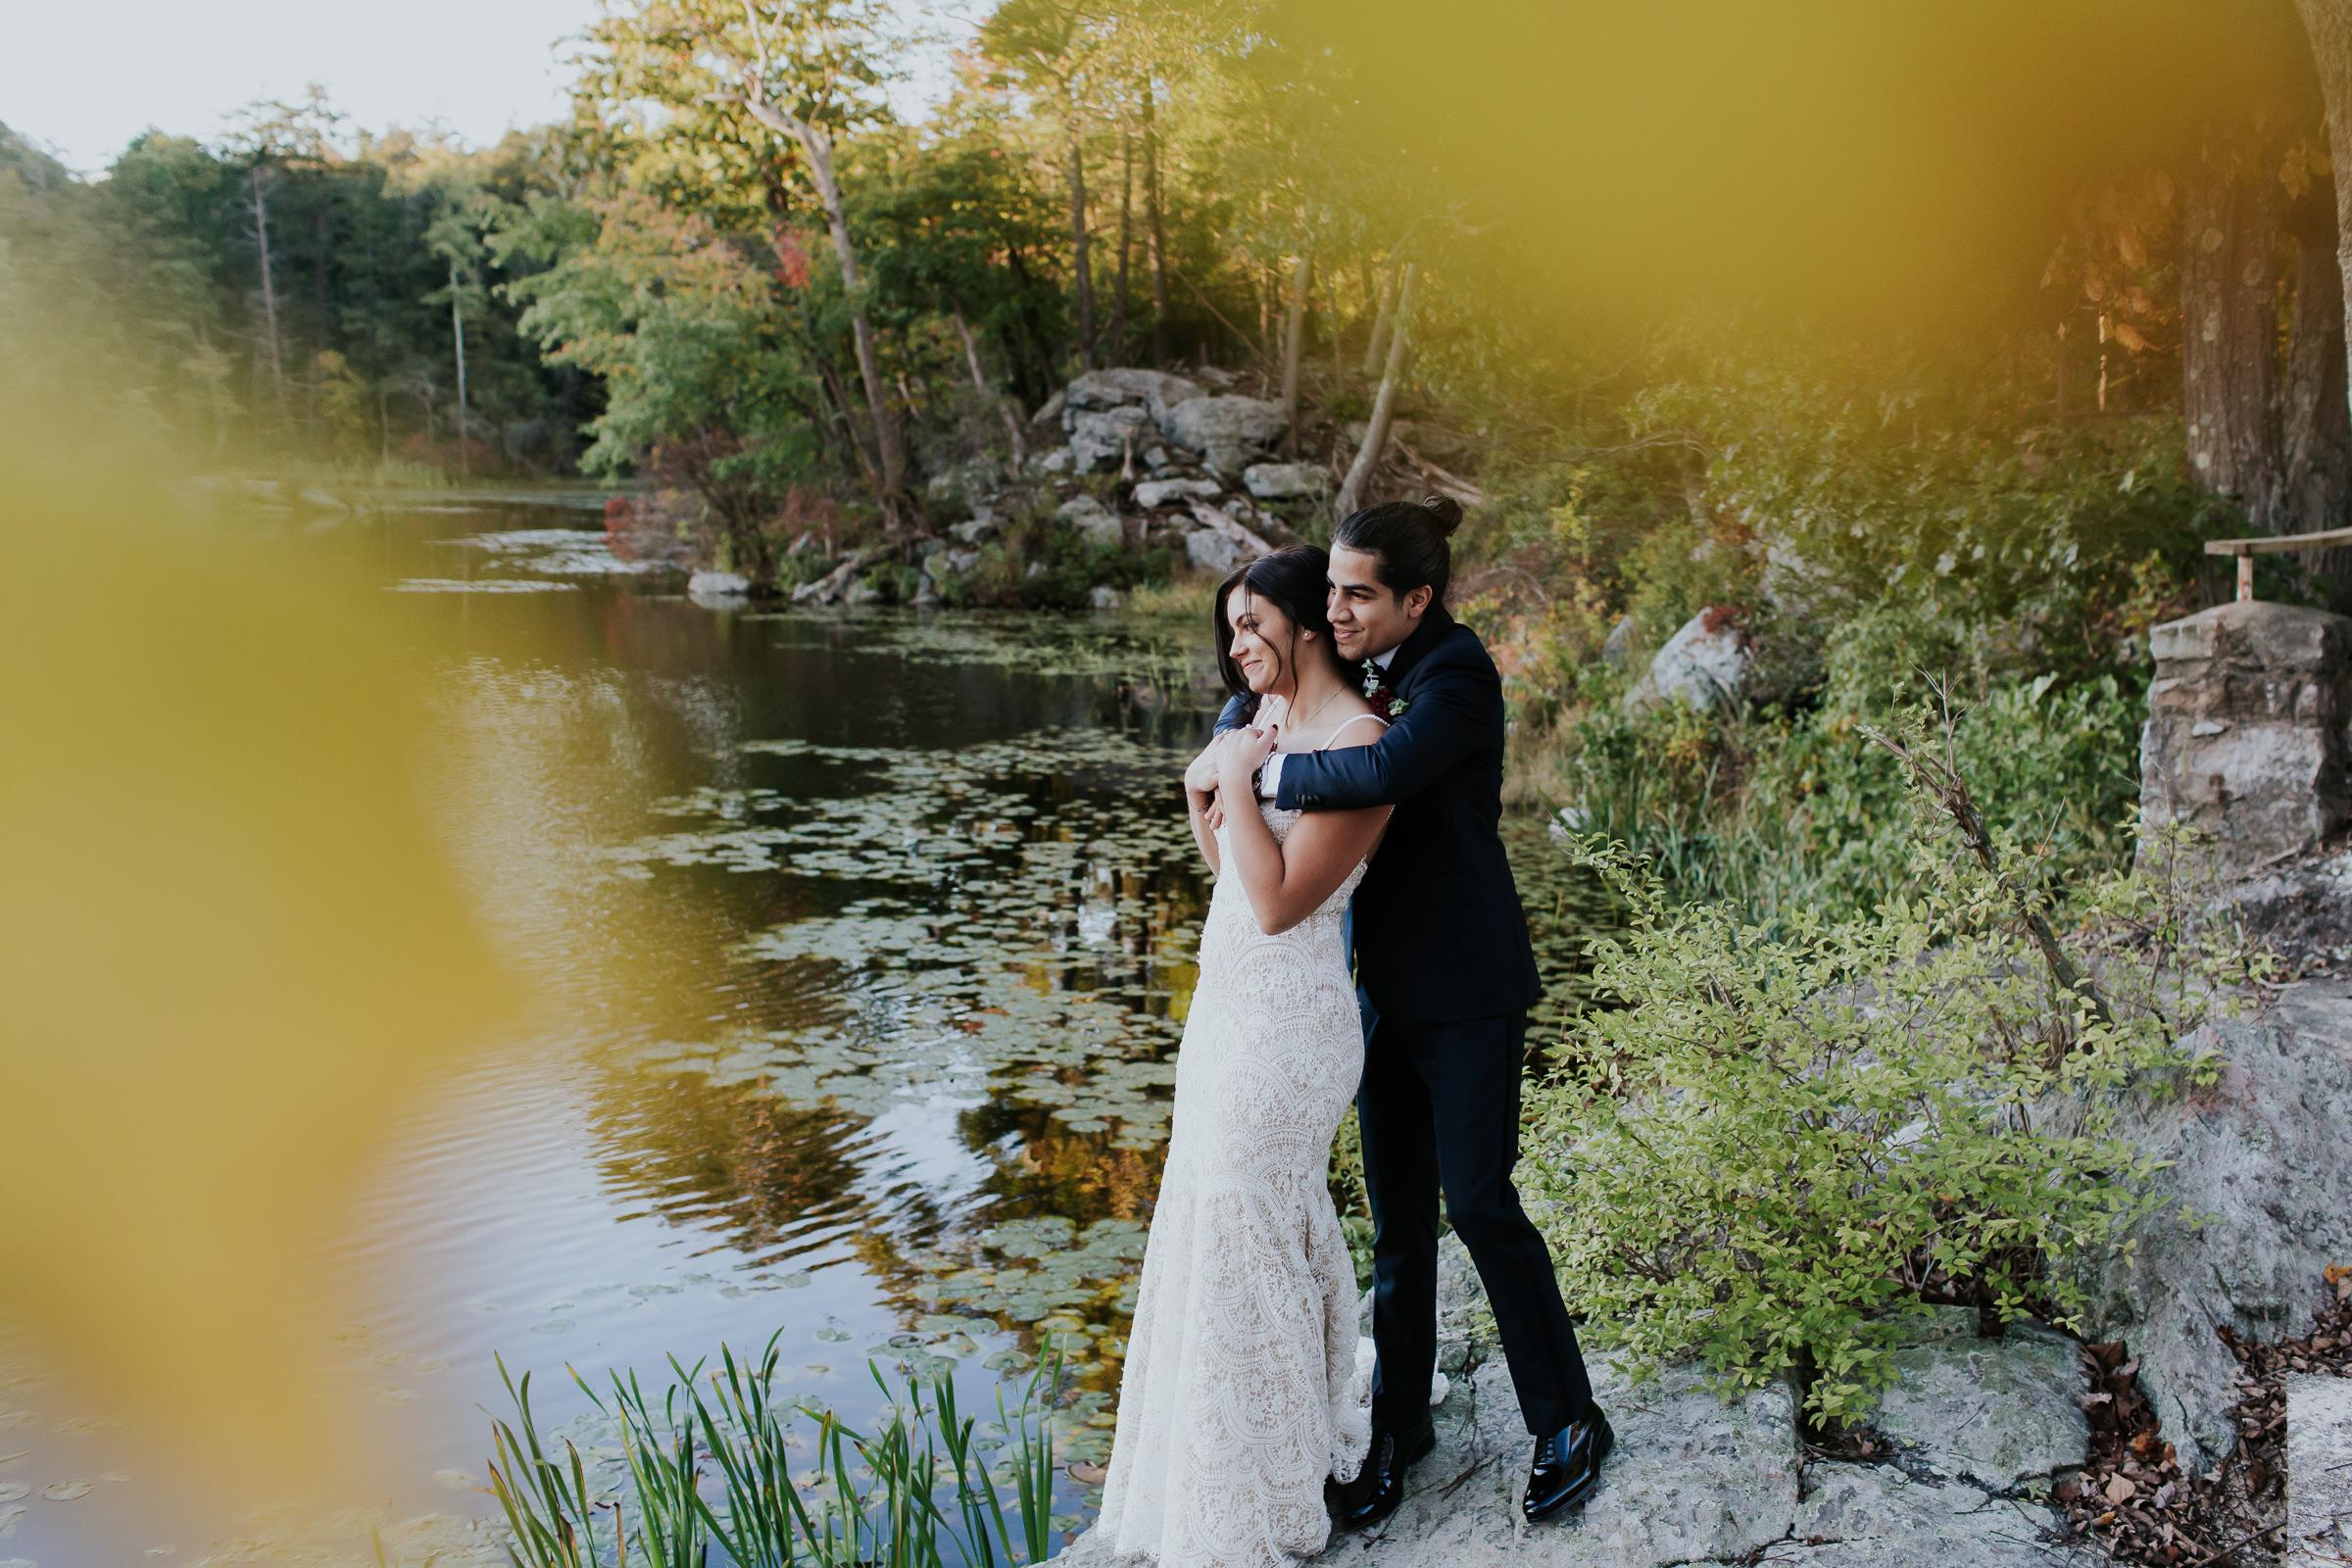 Arrow-Park-Monroe-NY-Documentary-Wedding-Photographer-69.jpg